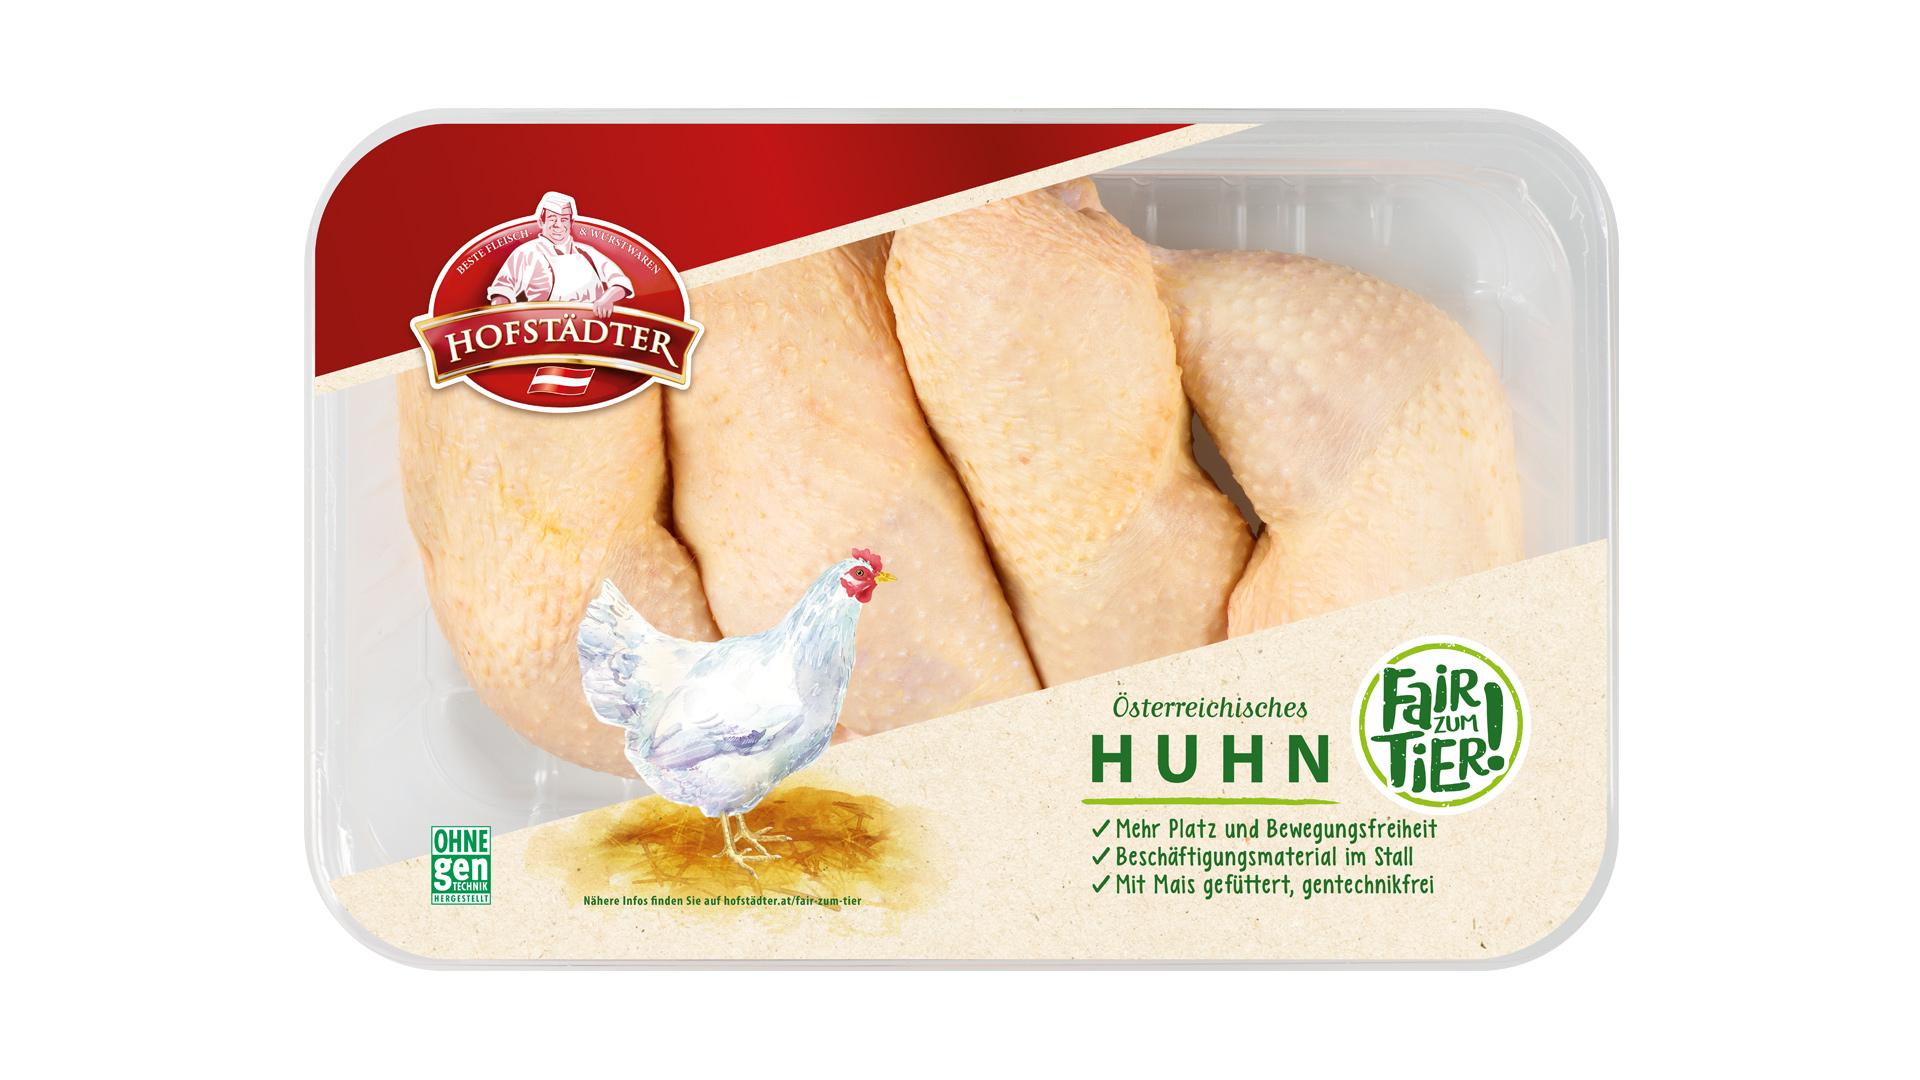 Hofstädter Hühnerkeulen 4 Stück